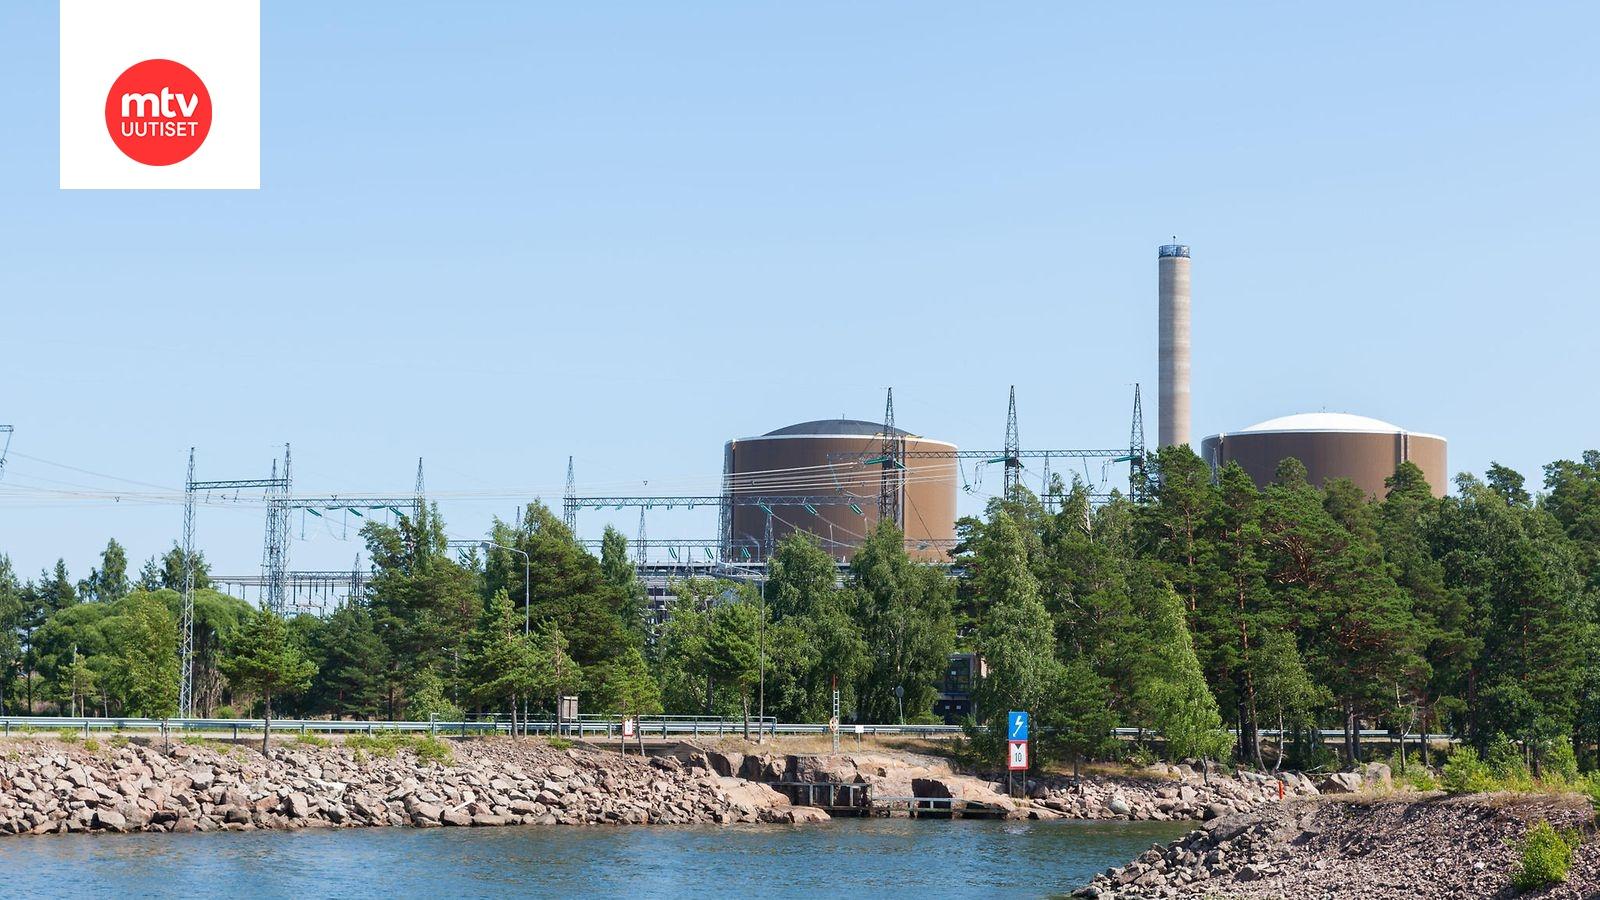 Fortumin toimitusjohtaja Rauramo MTV:n Uutisextrassa: Tämä on tärkeä elementti Loviisan ydinvoimalan jatkoharkinnassa